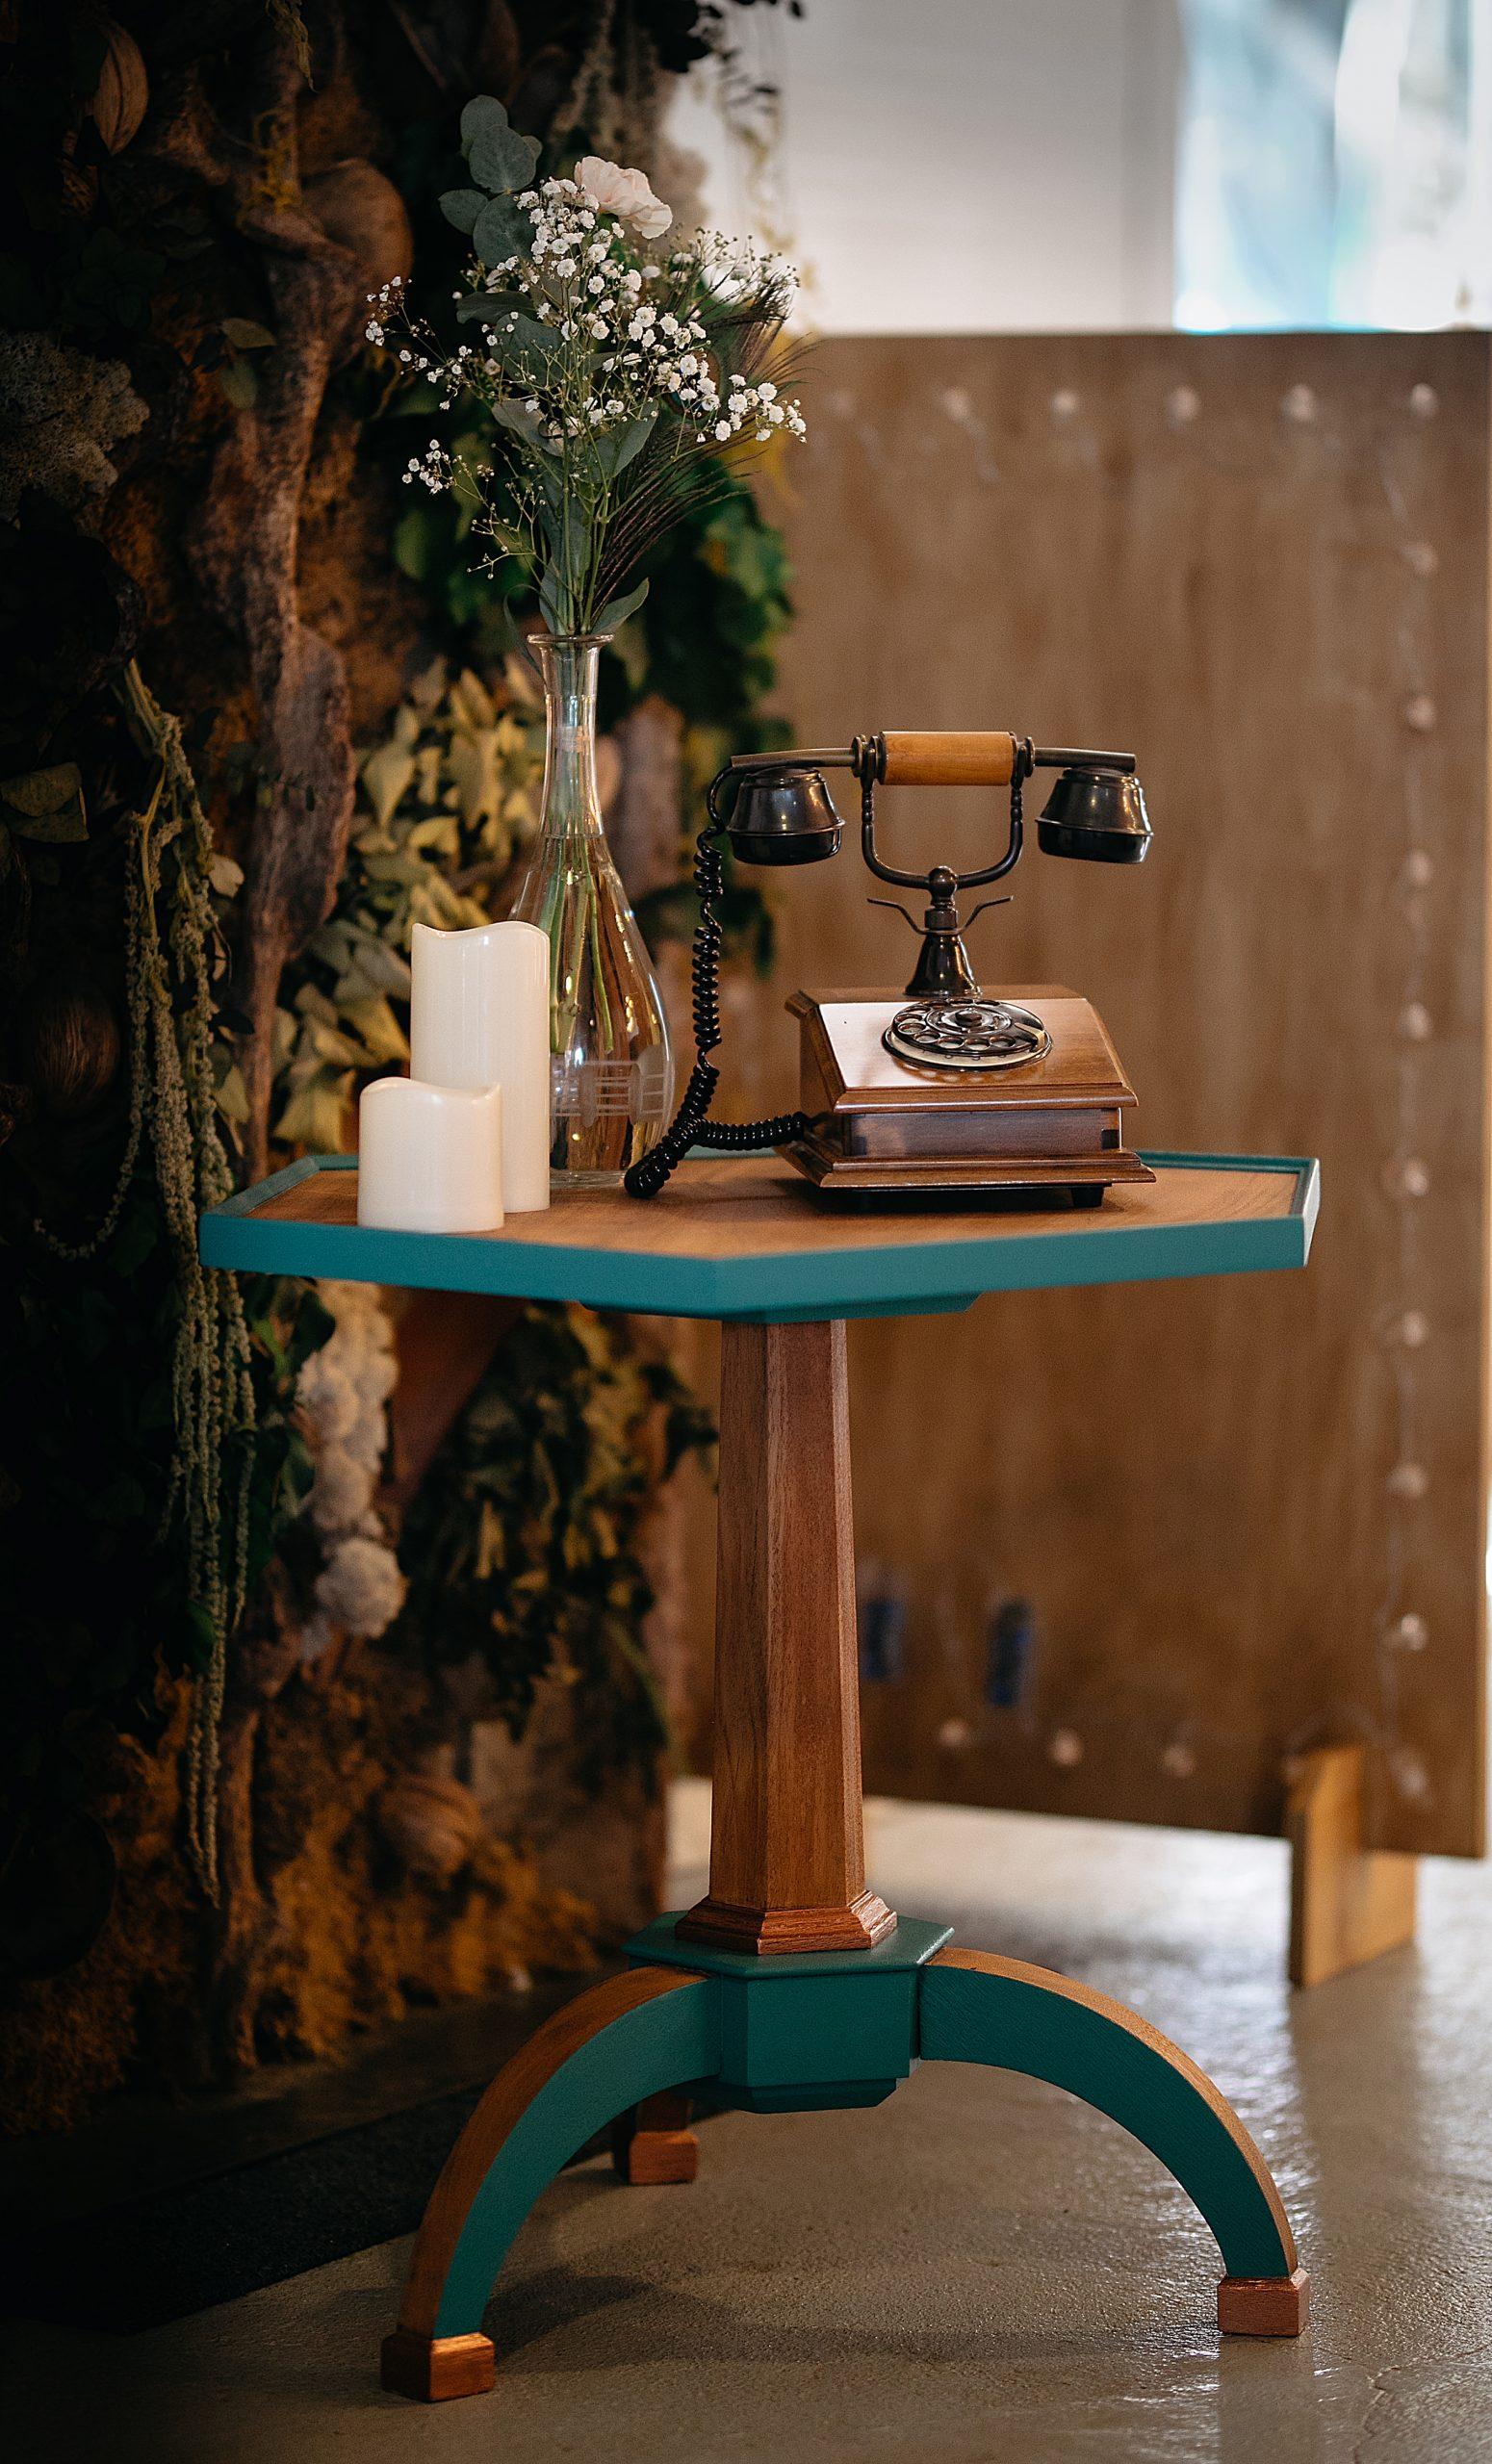 El Le Factory : Du mobilier en bois éco-responsable pour votre intérieur